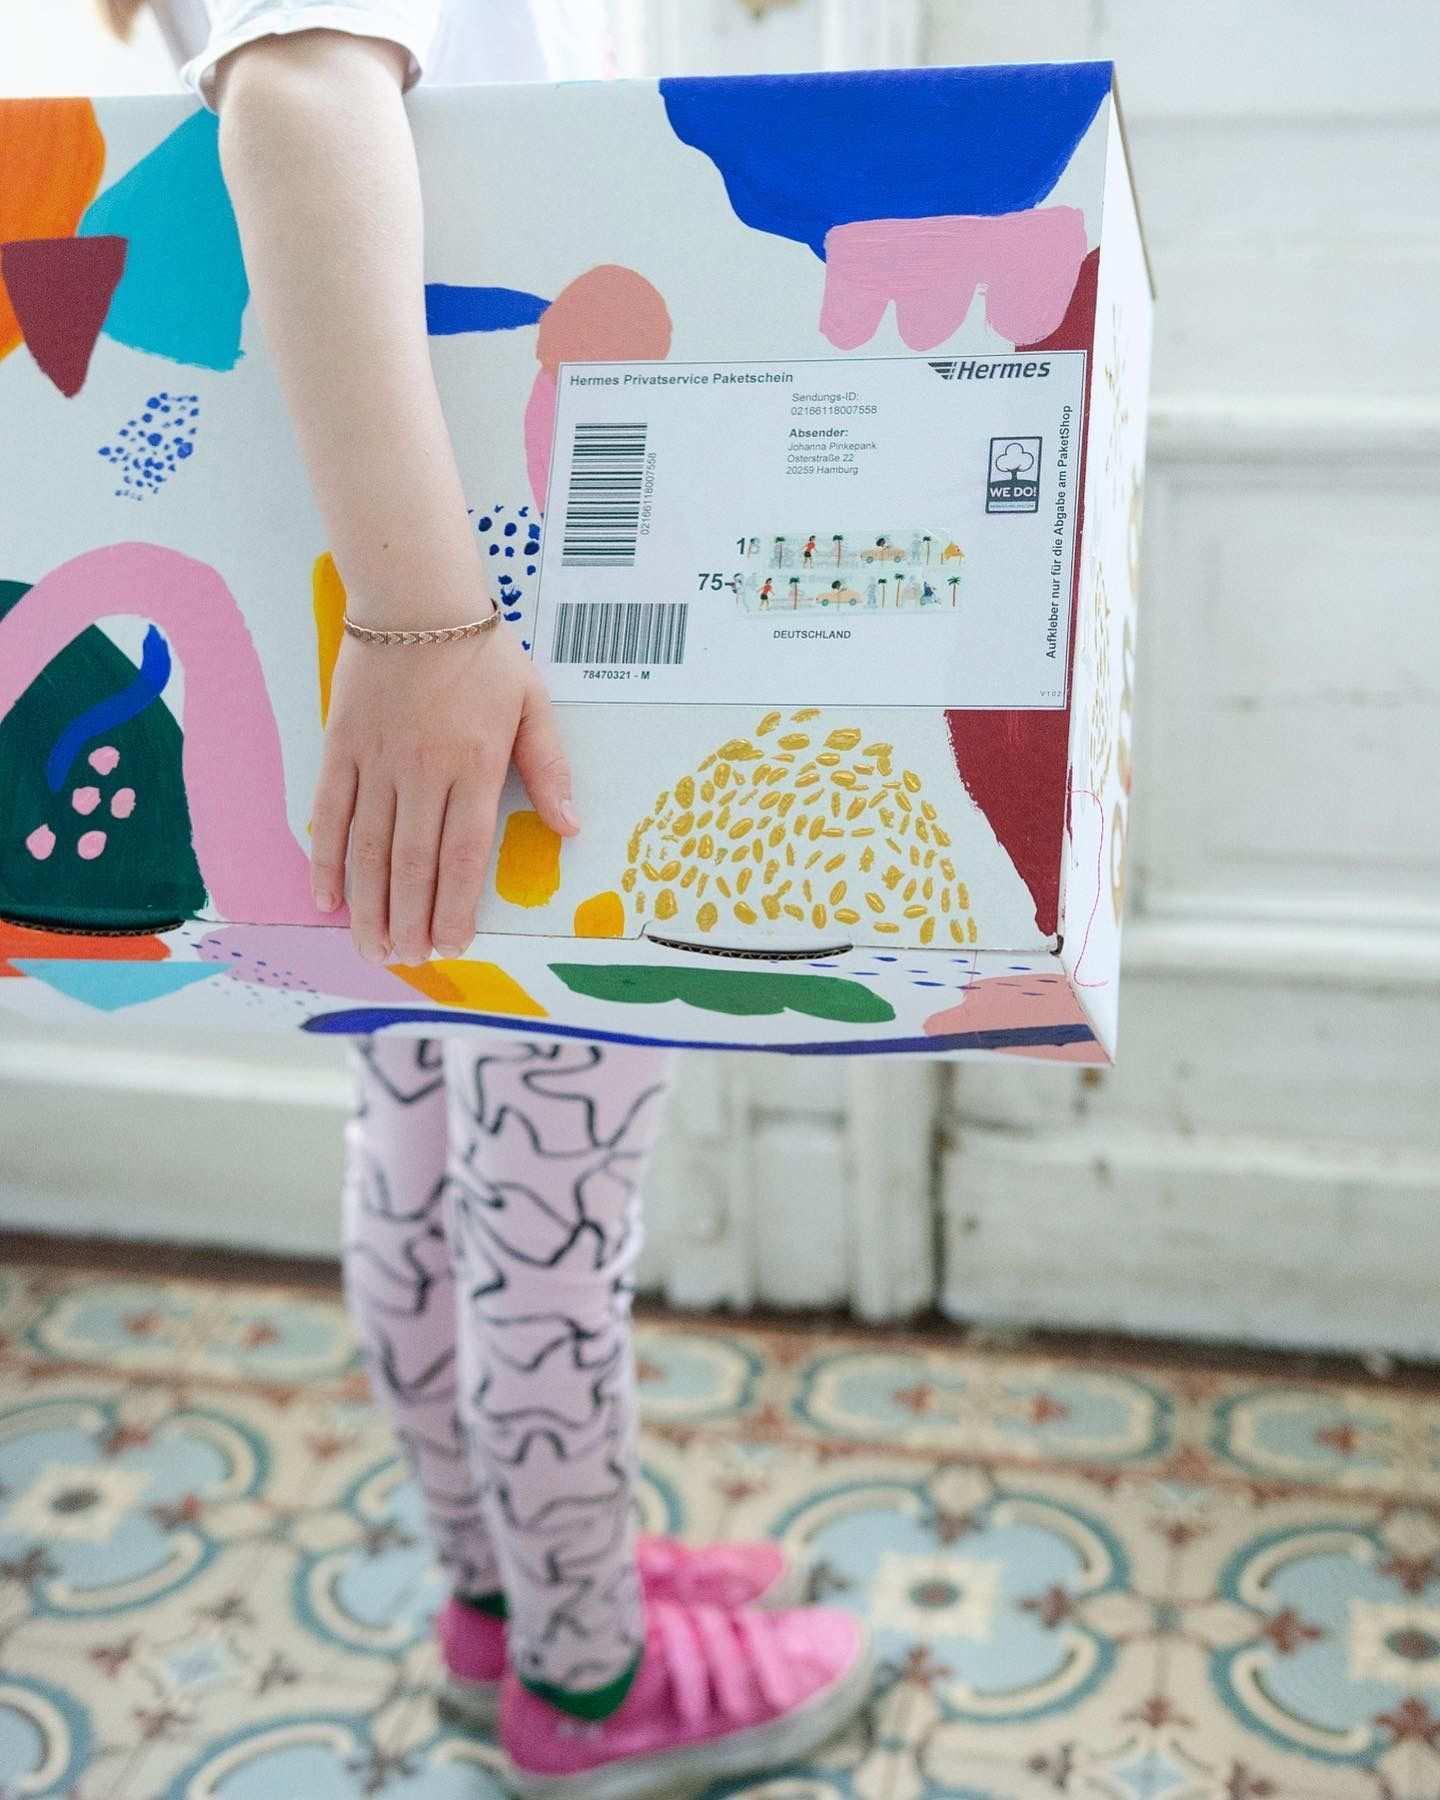 Paketorigami Mit Hermes Unser Wir Vermissen Euch Paket Pinkepank Basteln Mit Papier Diy Bastelideen Selbermachen Geschenke